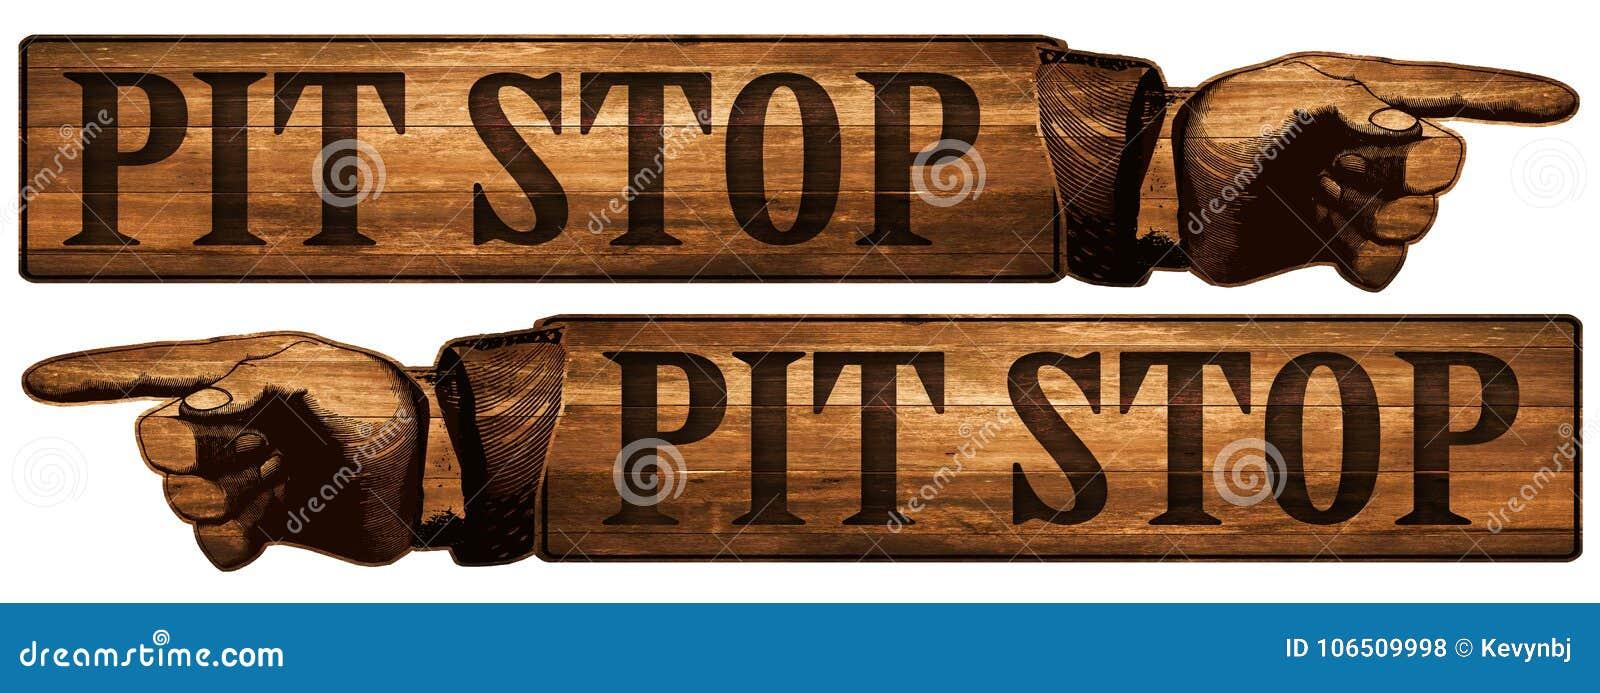 Vintage Pit Stop Sign Pointing Finger